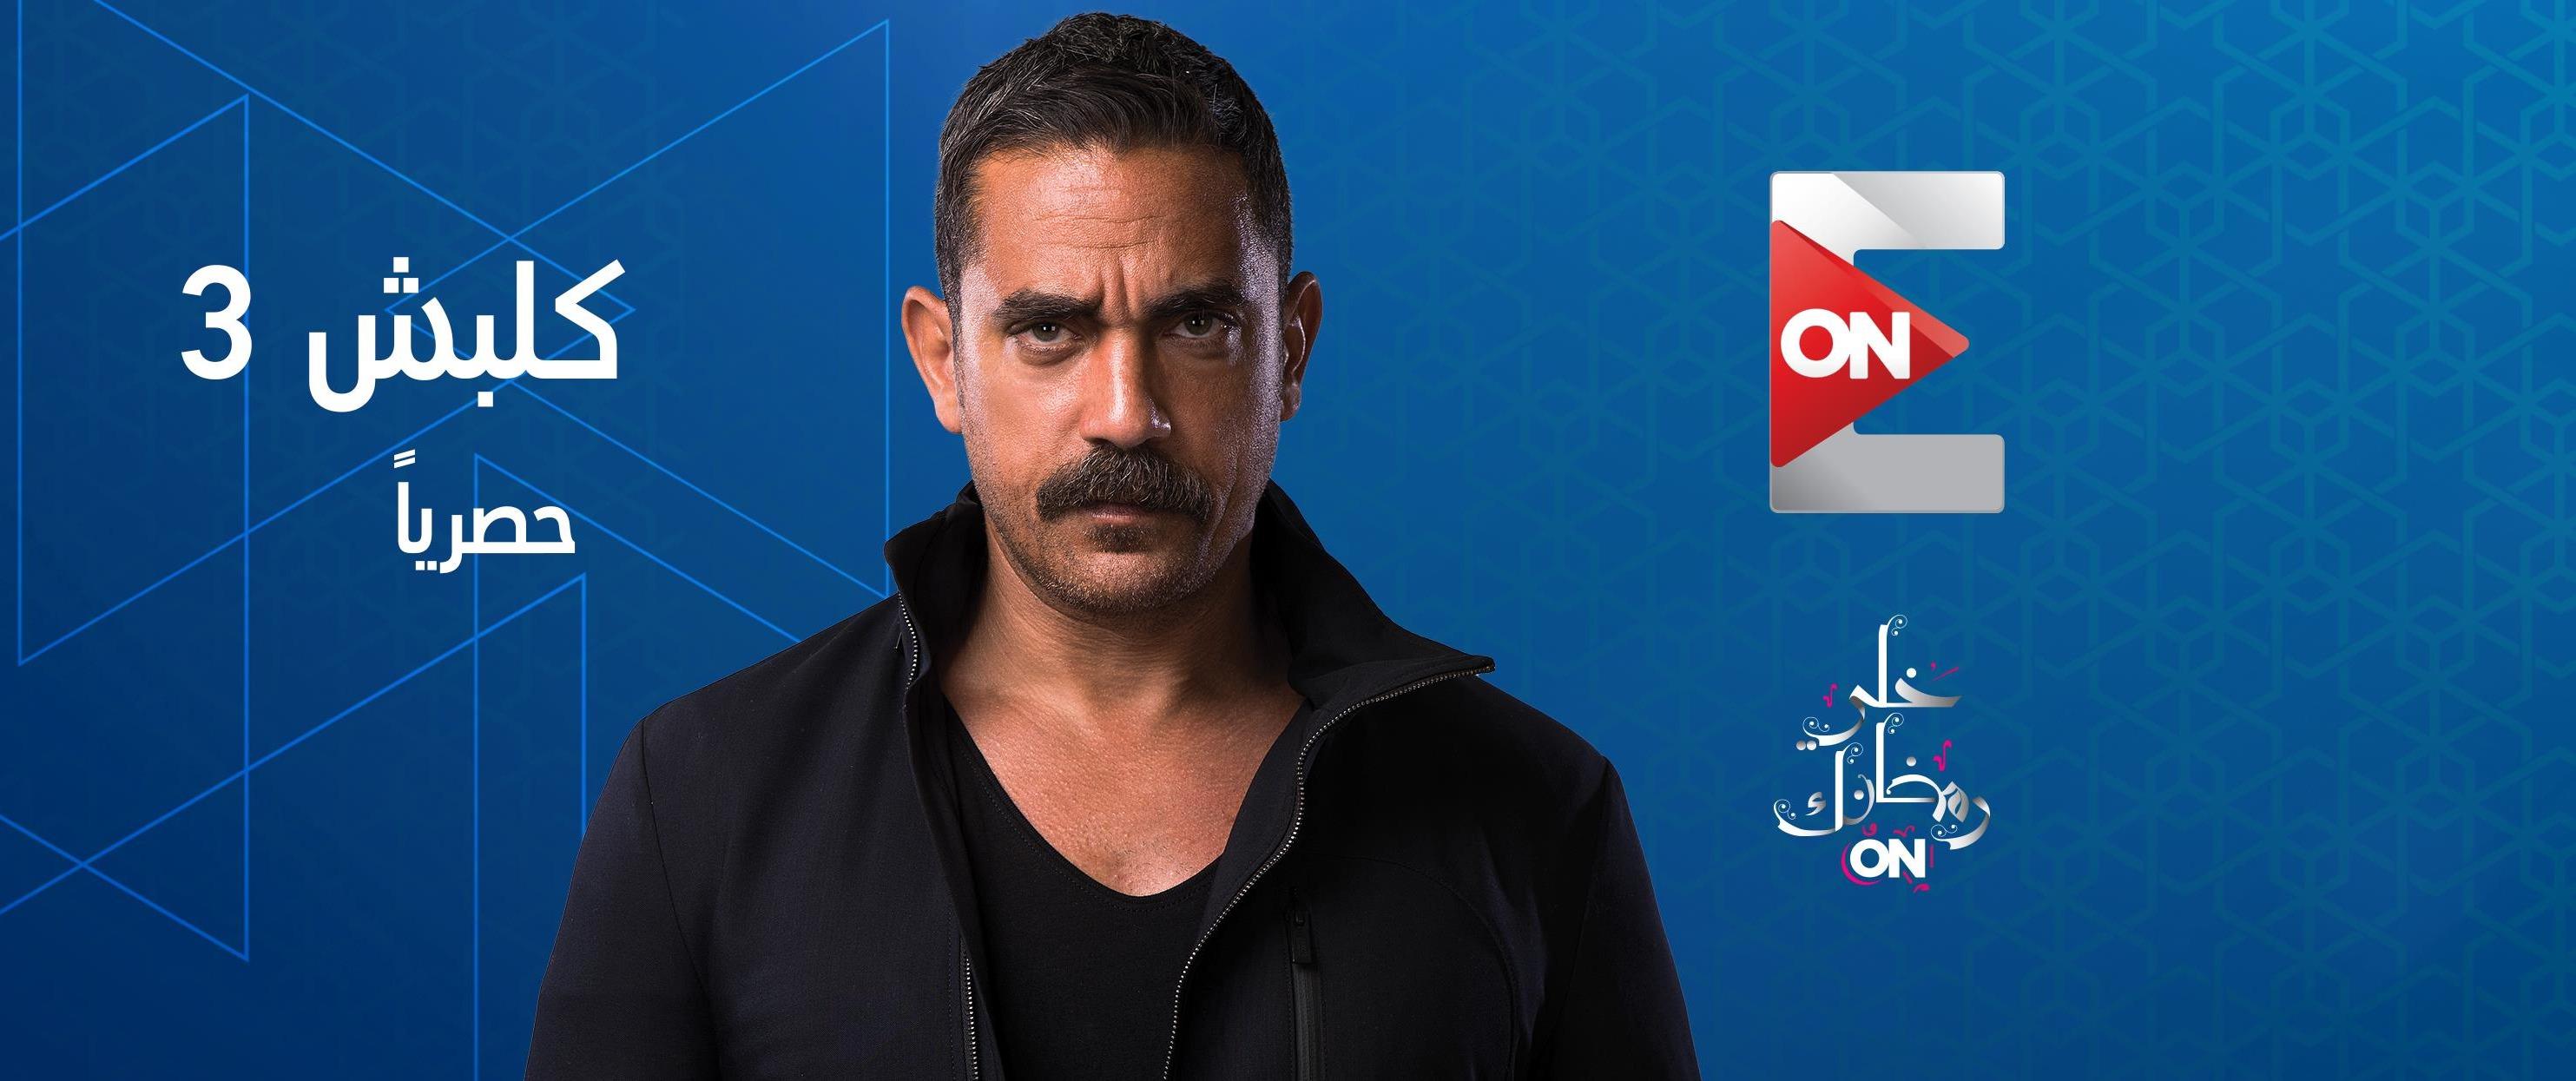 مسلسلات رمضان 2019 على قناة «أون».. بينها آخر أعمال الراحل محمود الجندي